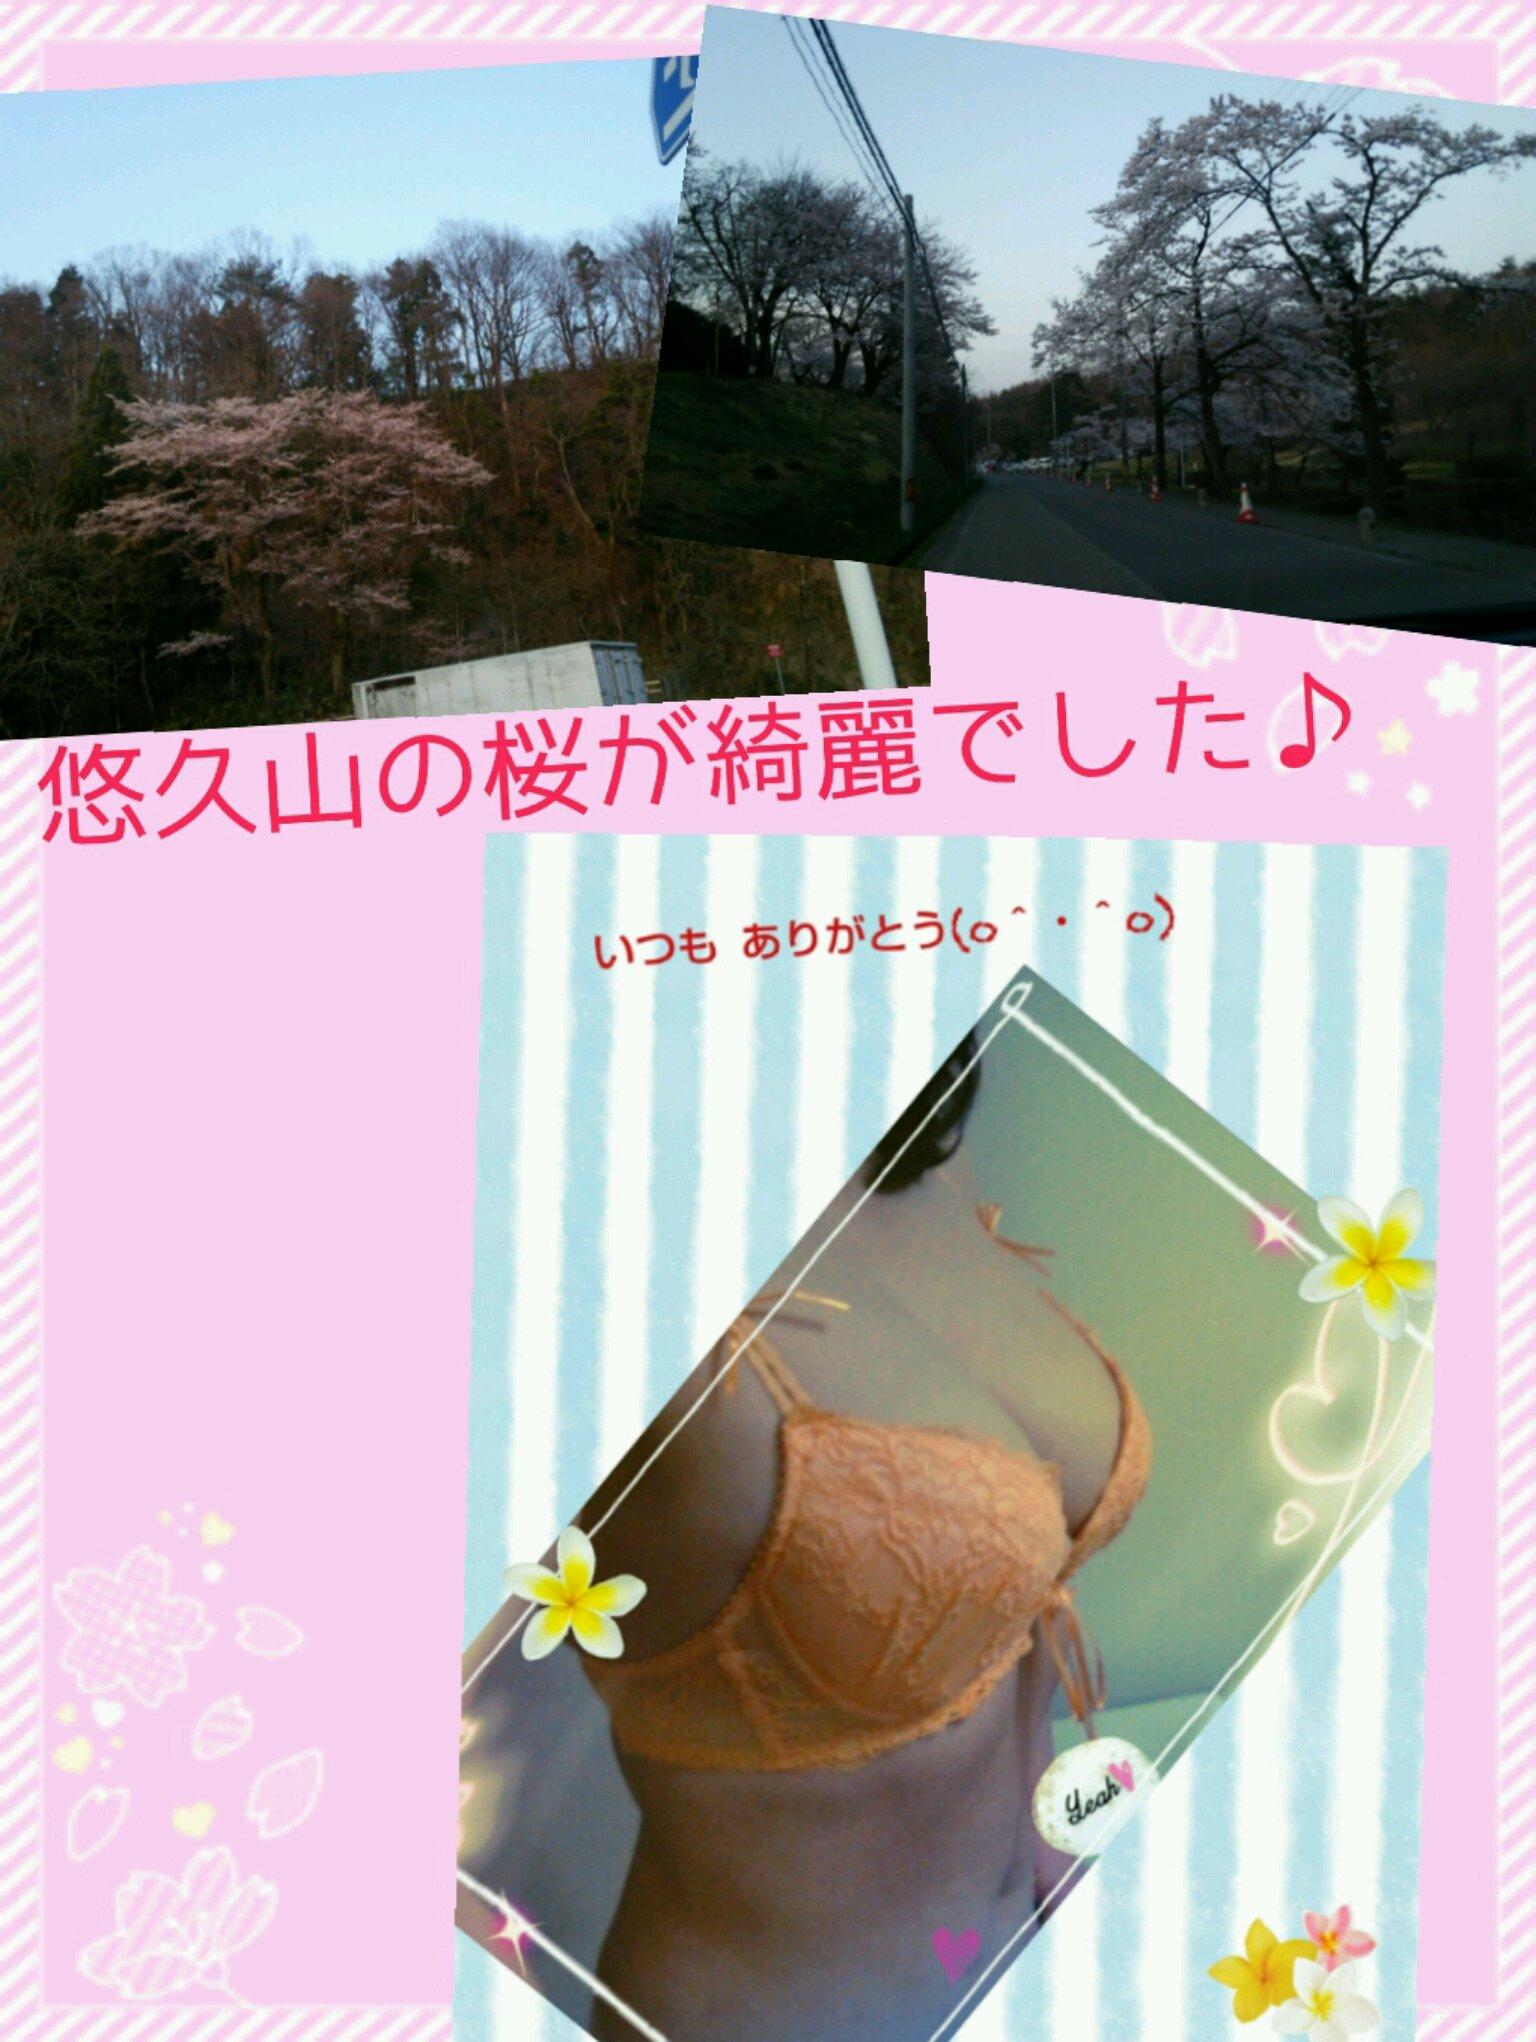 鈴河 つぐみ  春の☆リピサンデー♪